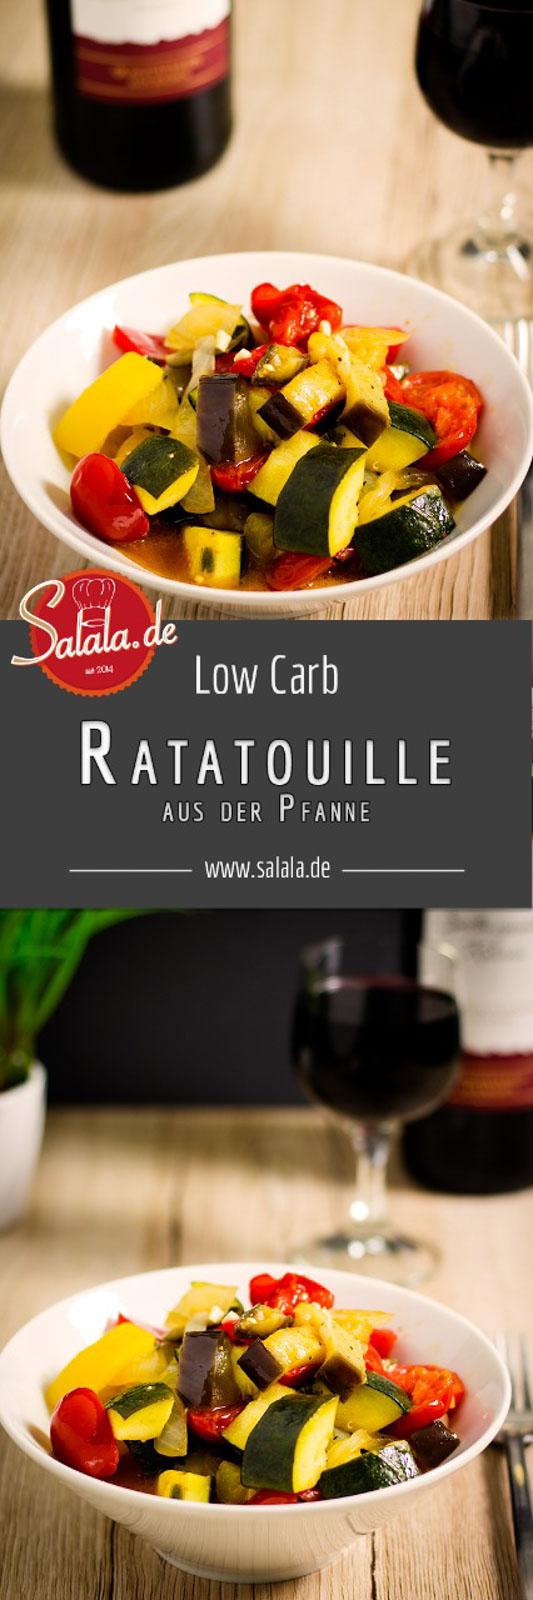 Ratatouille - französische Küche - low carb und vegetarisch - by salala.de   Schmorgemüse Gemüsefpanne Zucchini Paprika Aubergine Tomaten